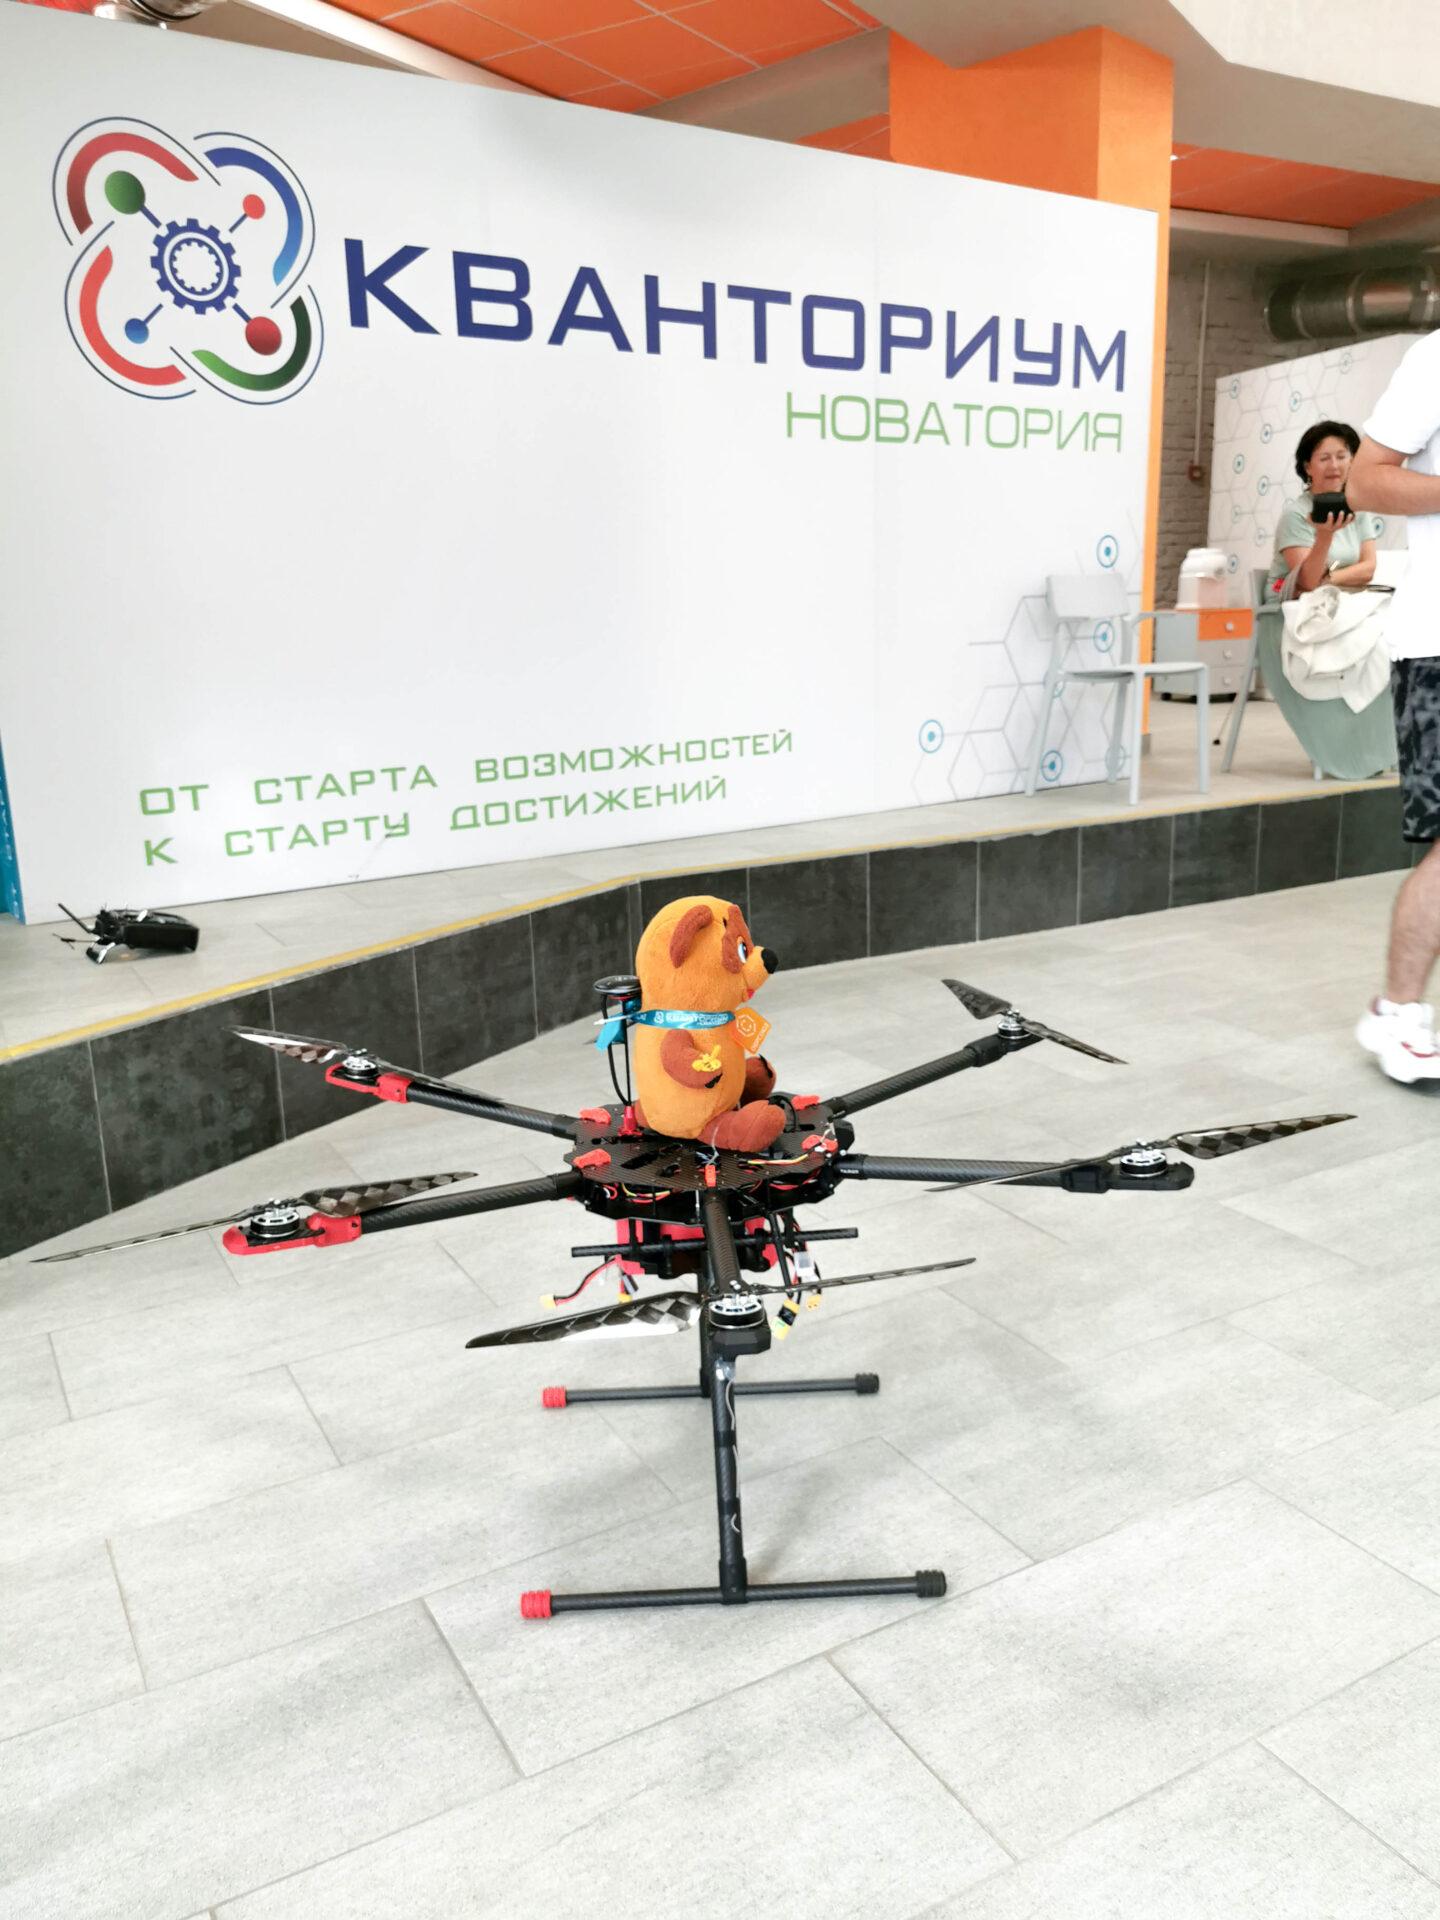 Образовательная экспедиция СОТ в Ивановскую область: разработка Робокванториума на базе детского творчества «Новация»